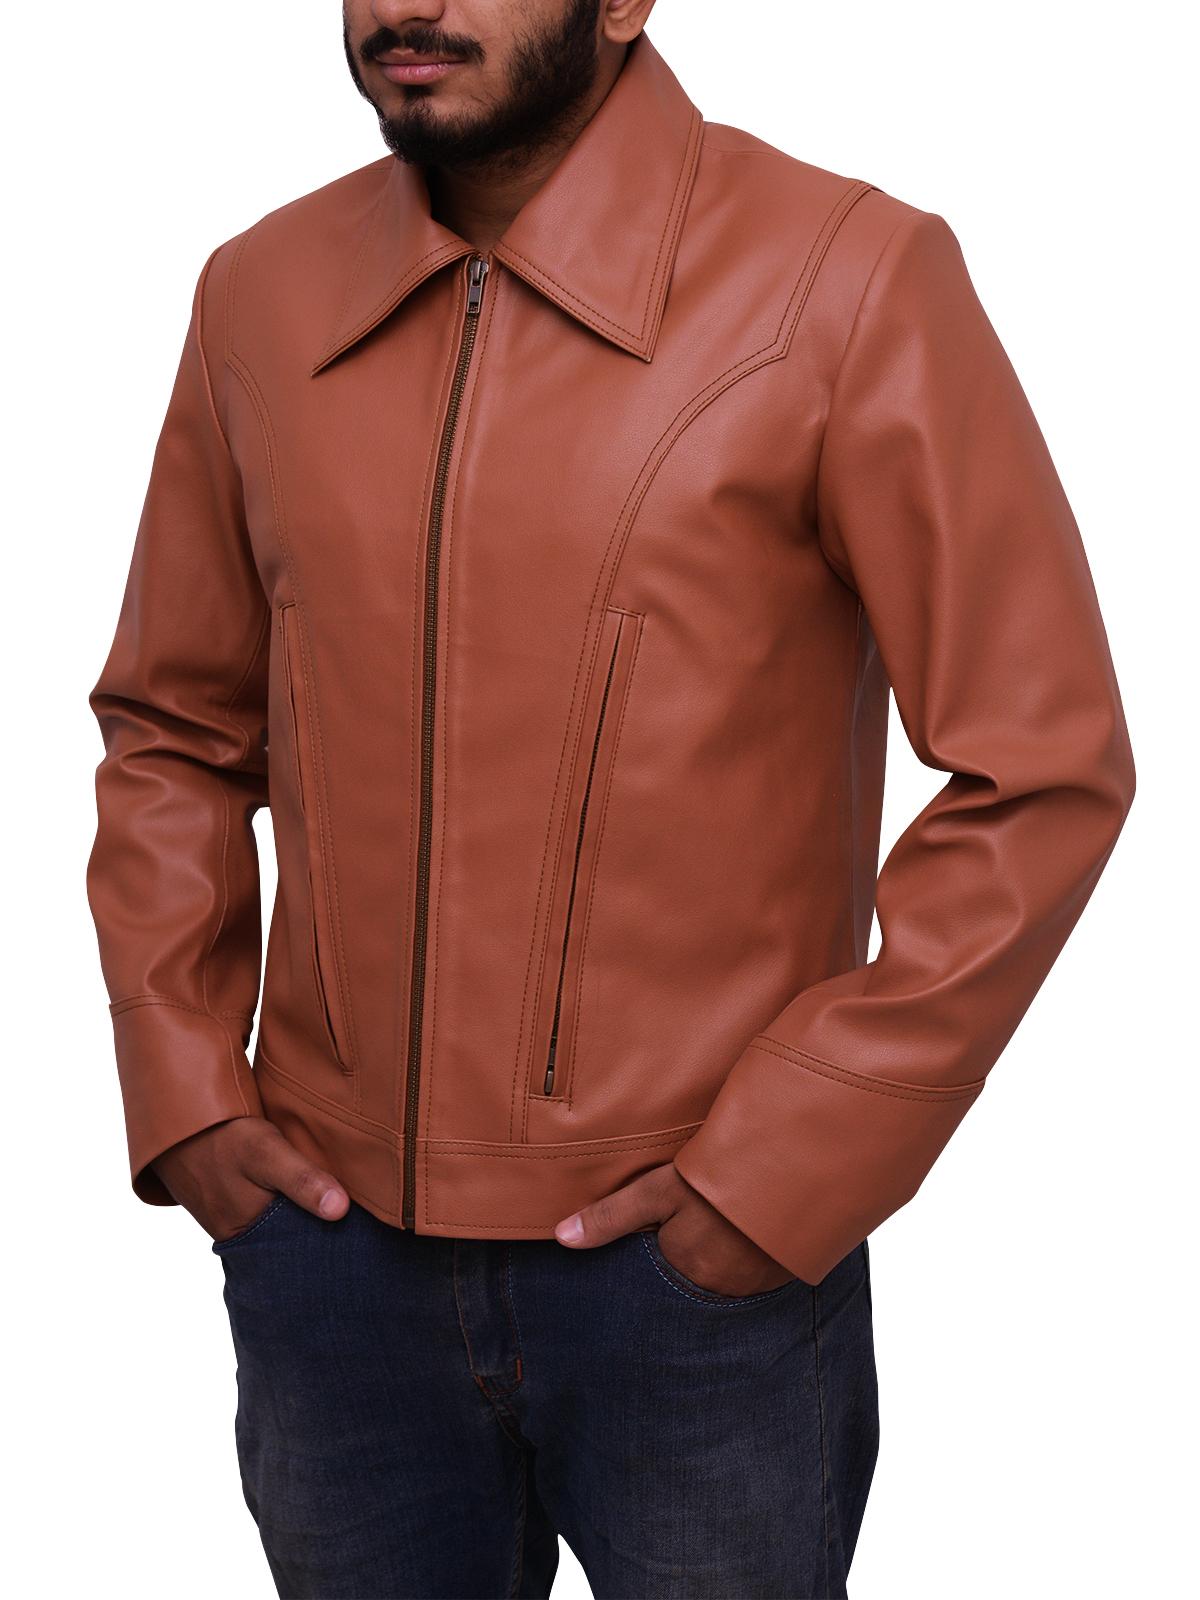 Wolverine X Men Jacket